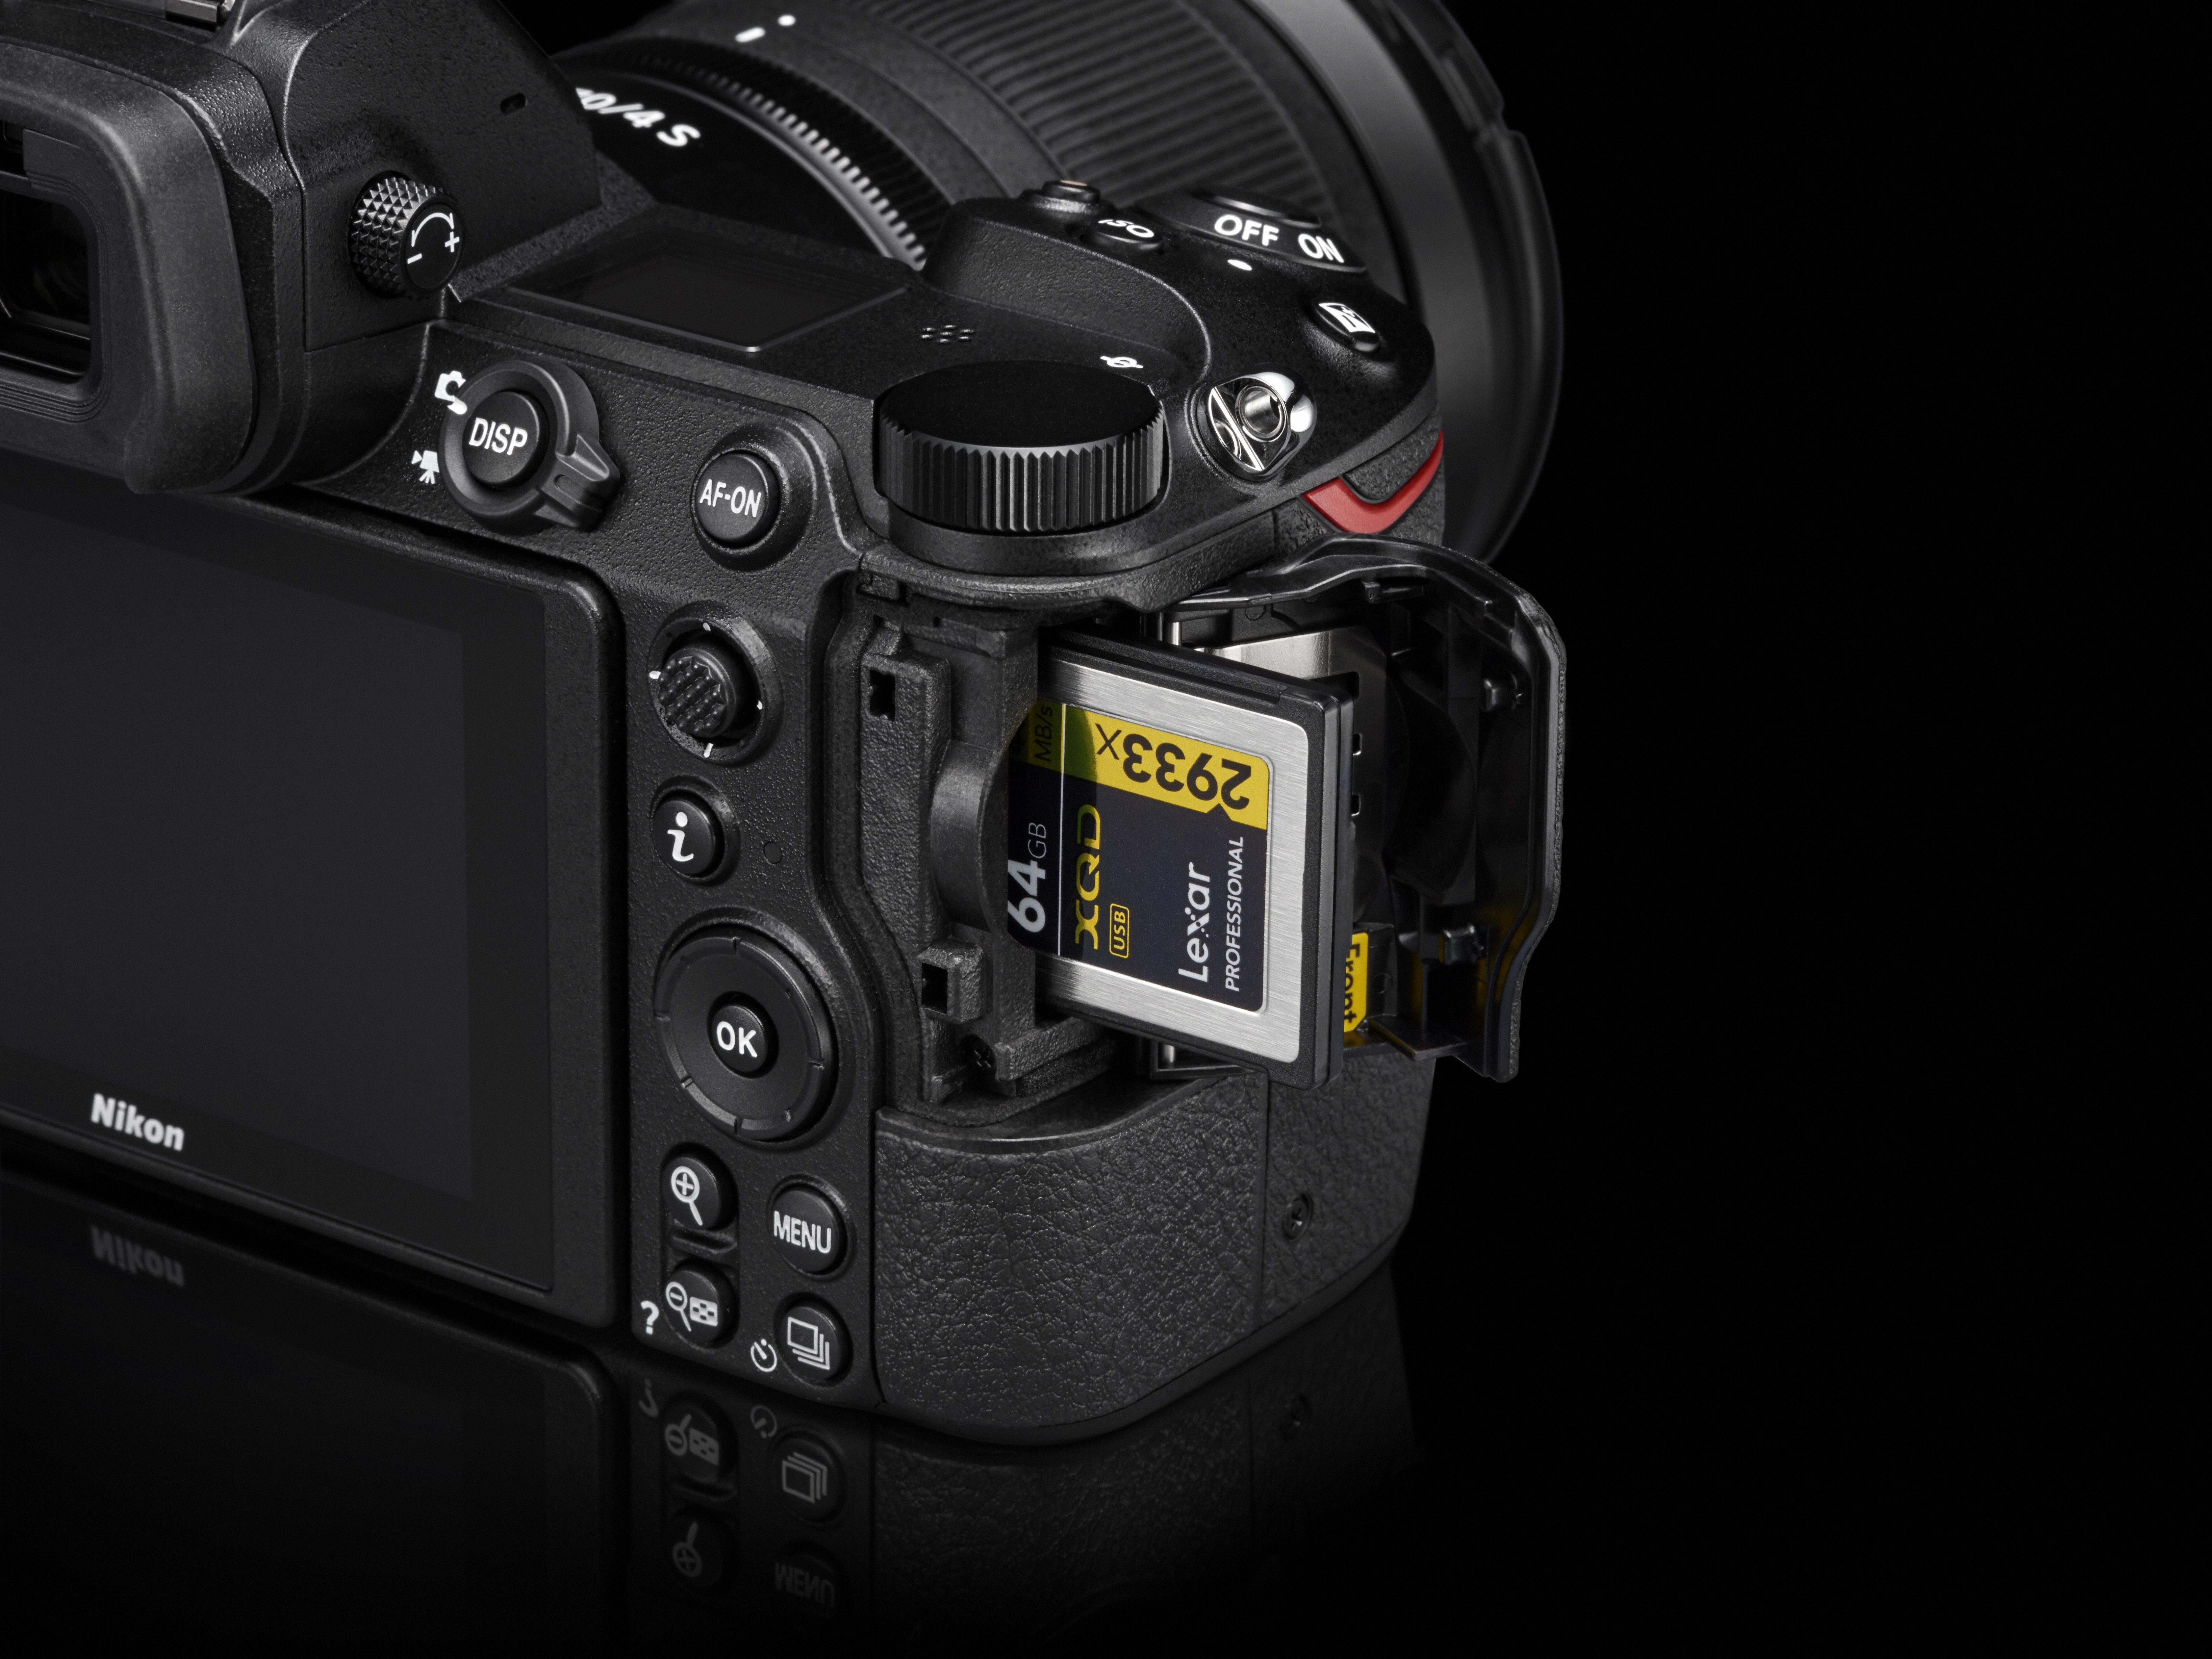 Nikon har valt kommande CFexpress-standarden för minneskorten.